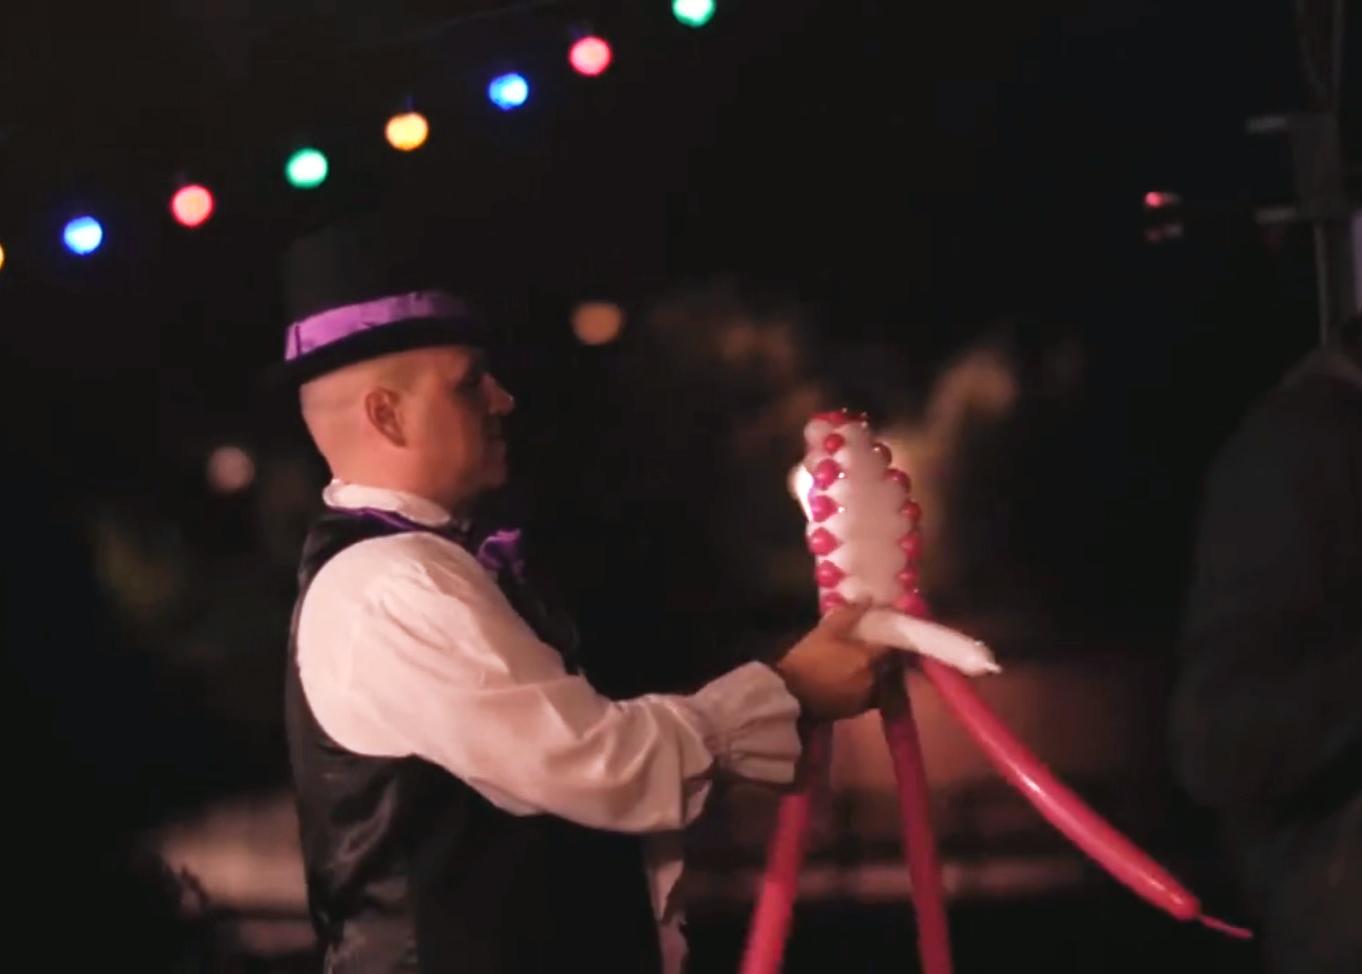 Chapeaux ballons.